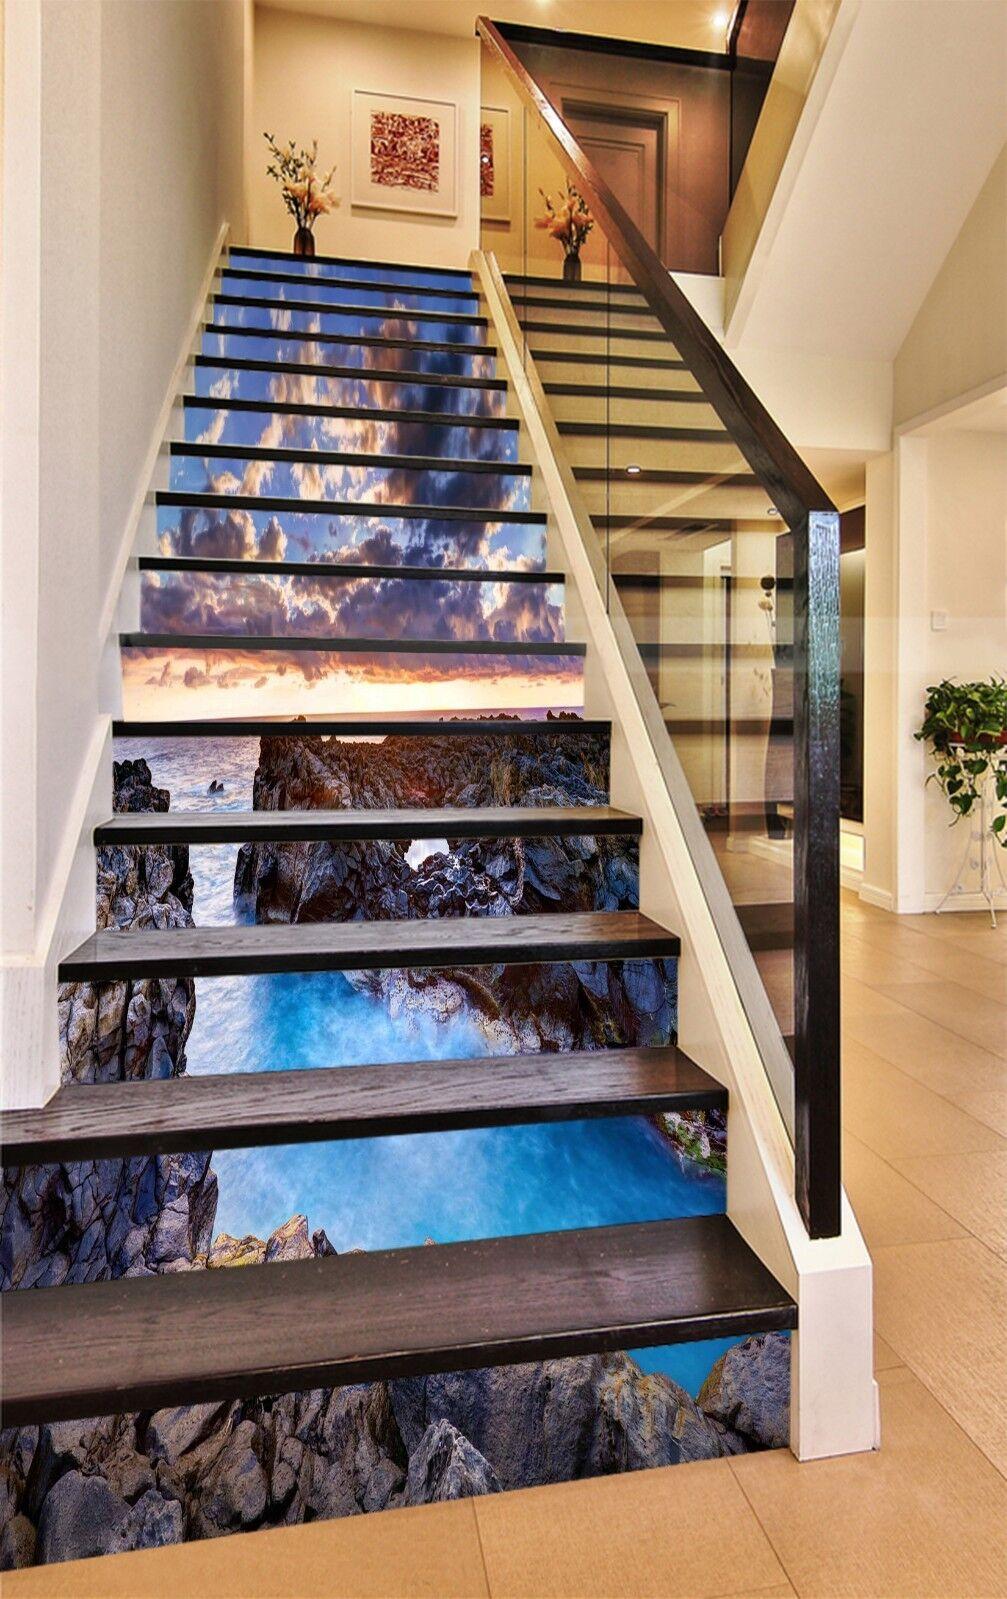 3D Sky ocean 347 Stair Risers Decoration Photo Mural Vinyl Decal Wallpaper UK